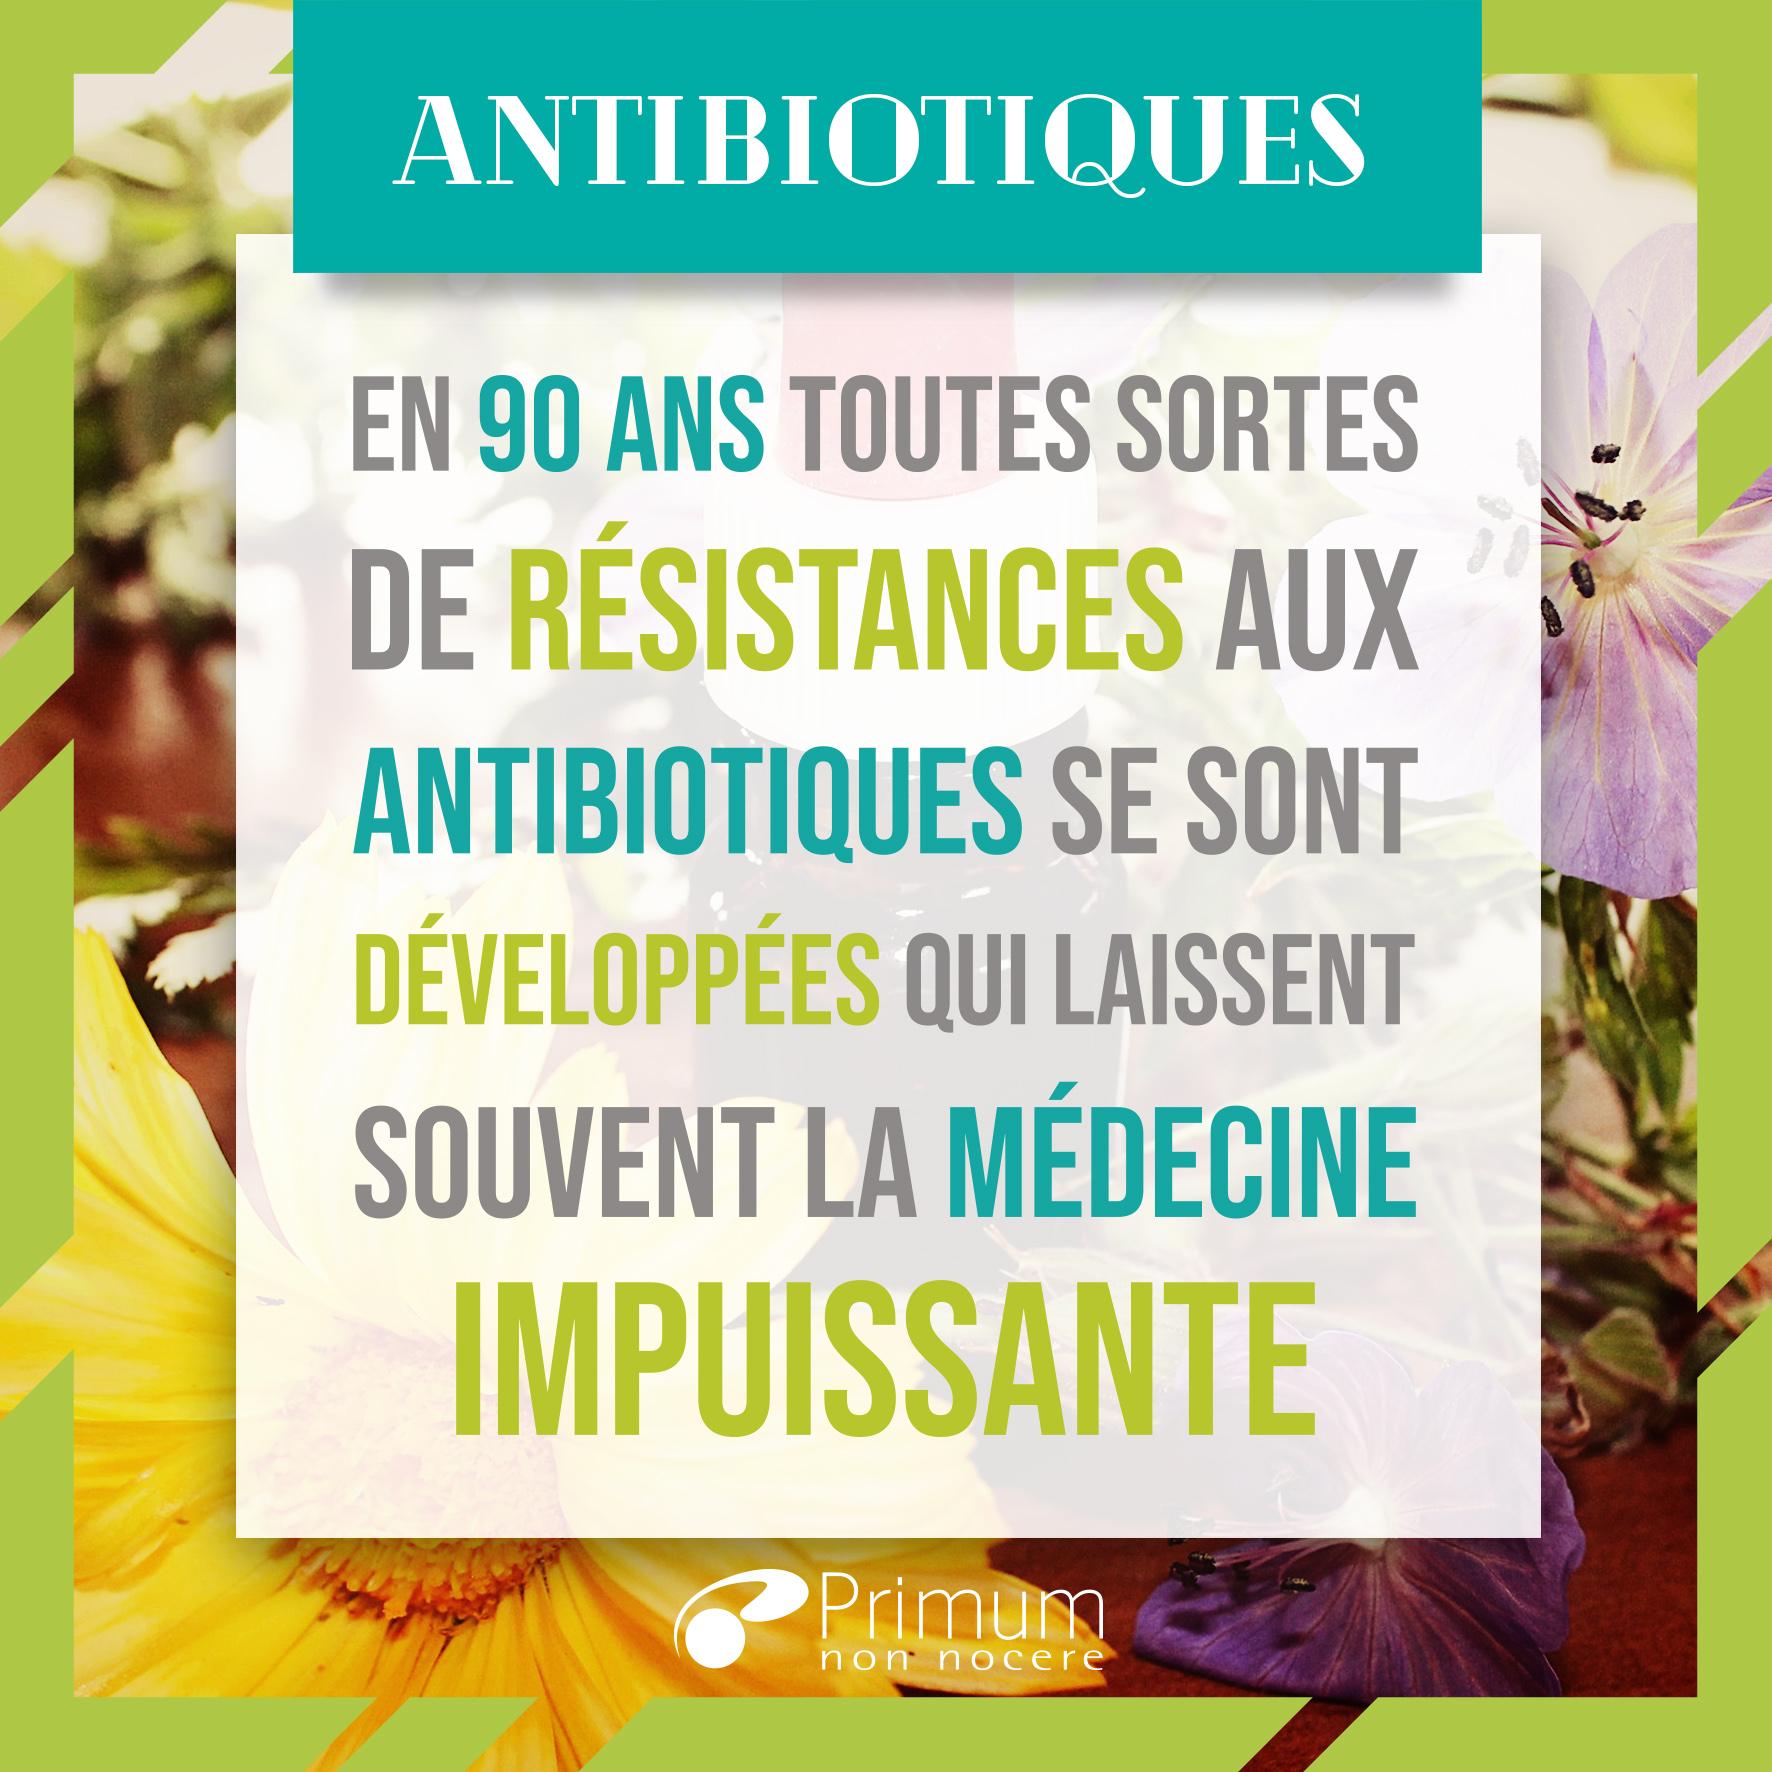 L'âge d'or des antibiotiques est-il derrière nous?